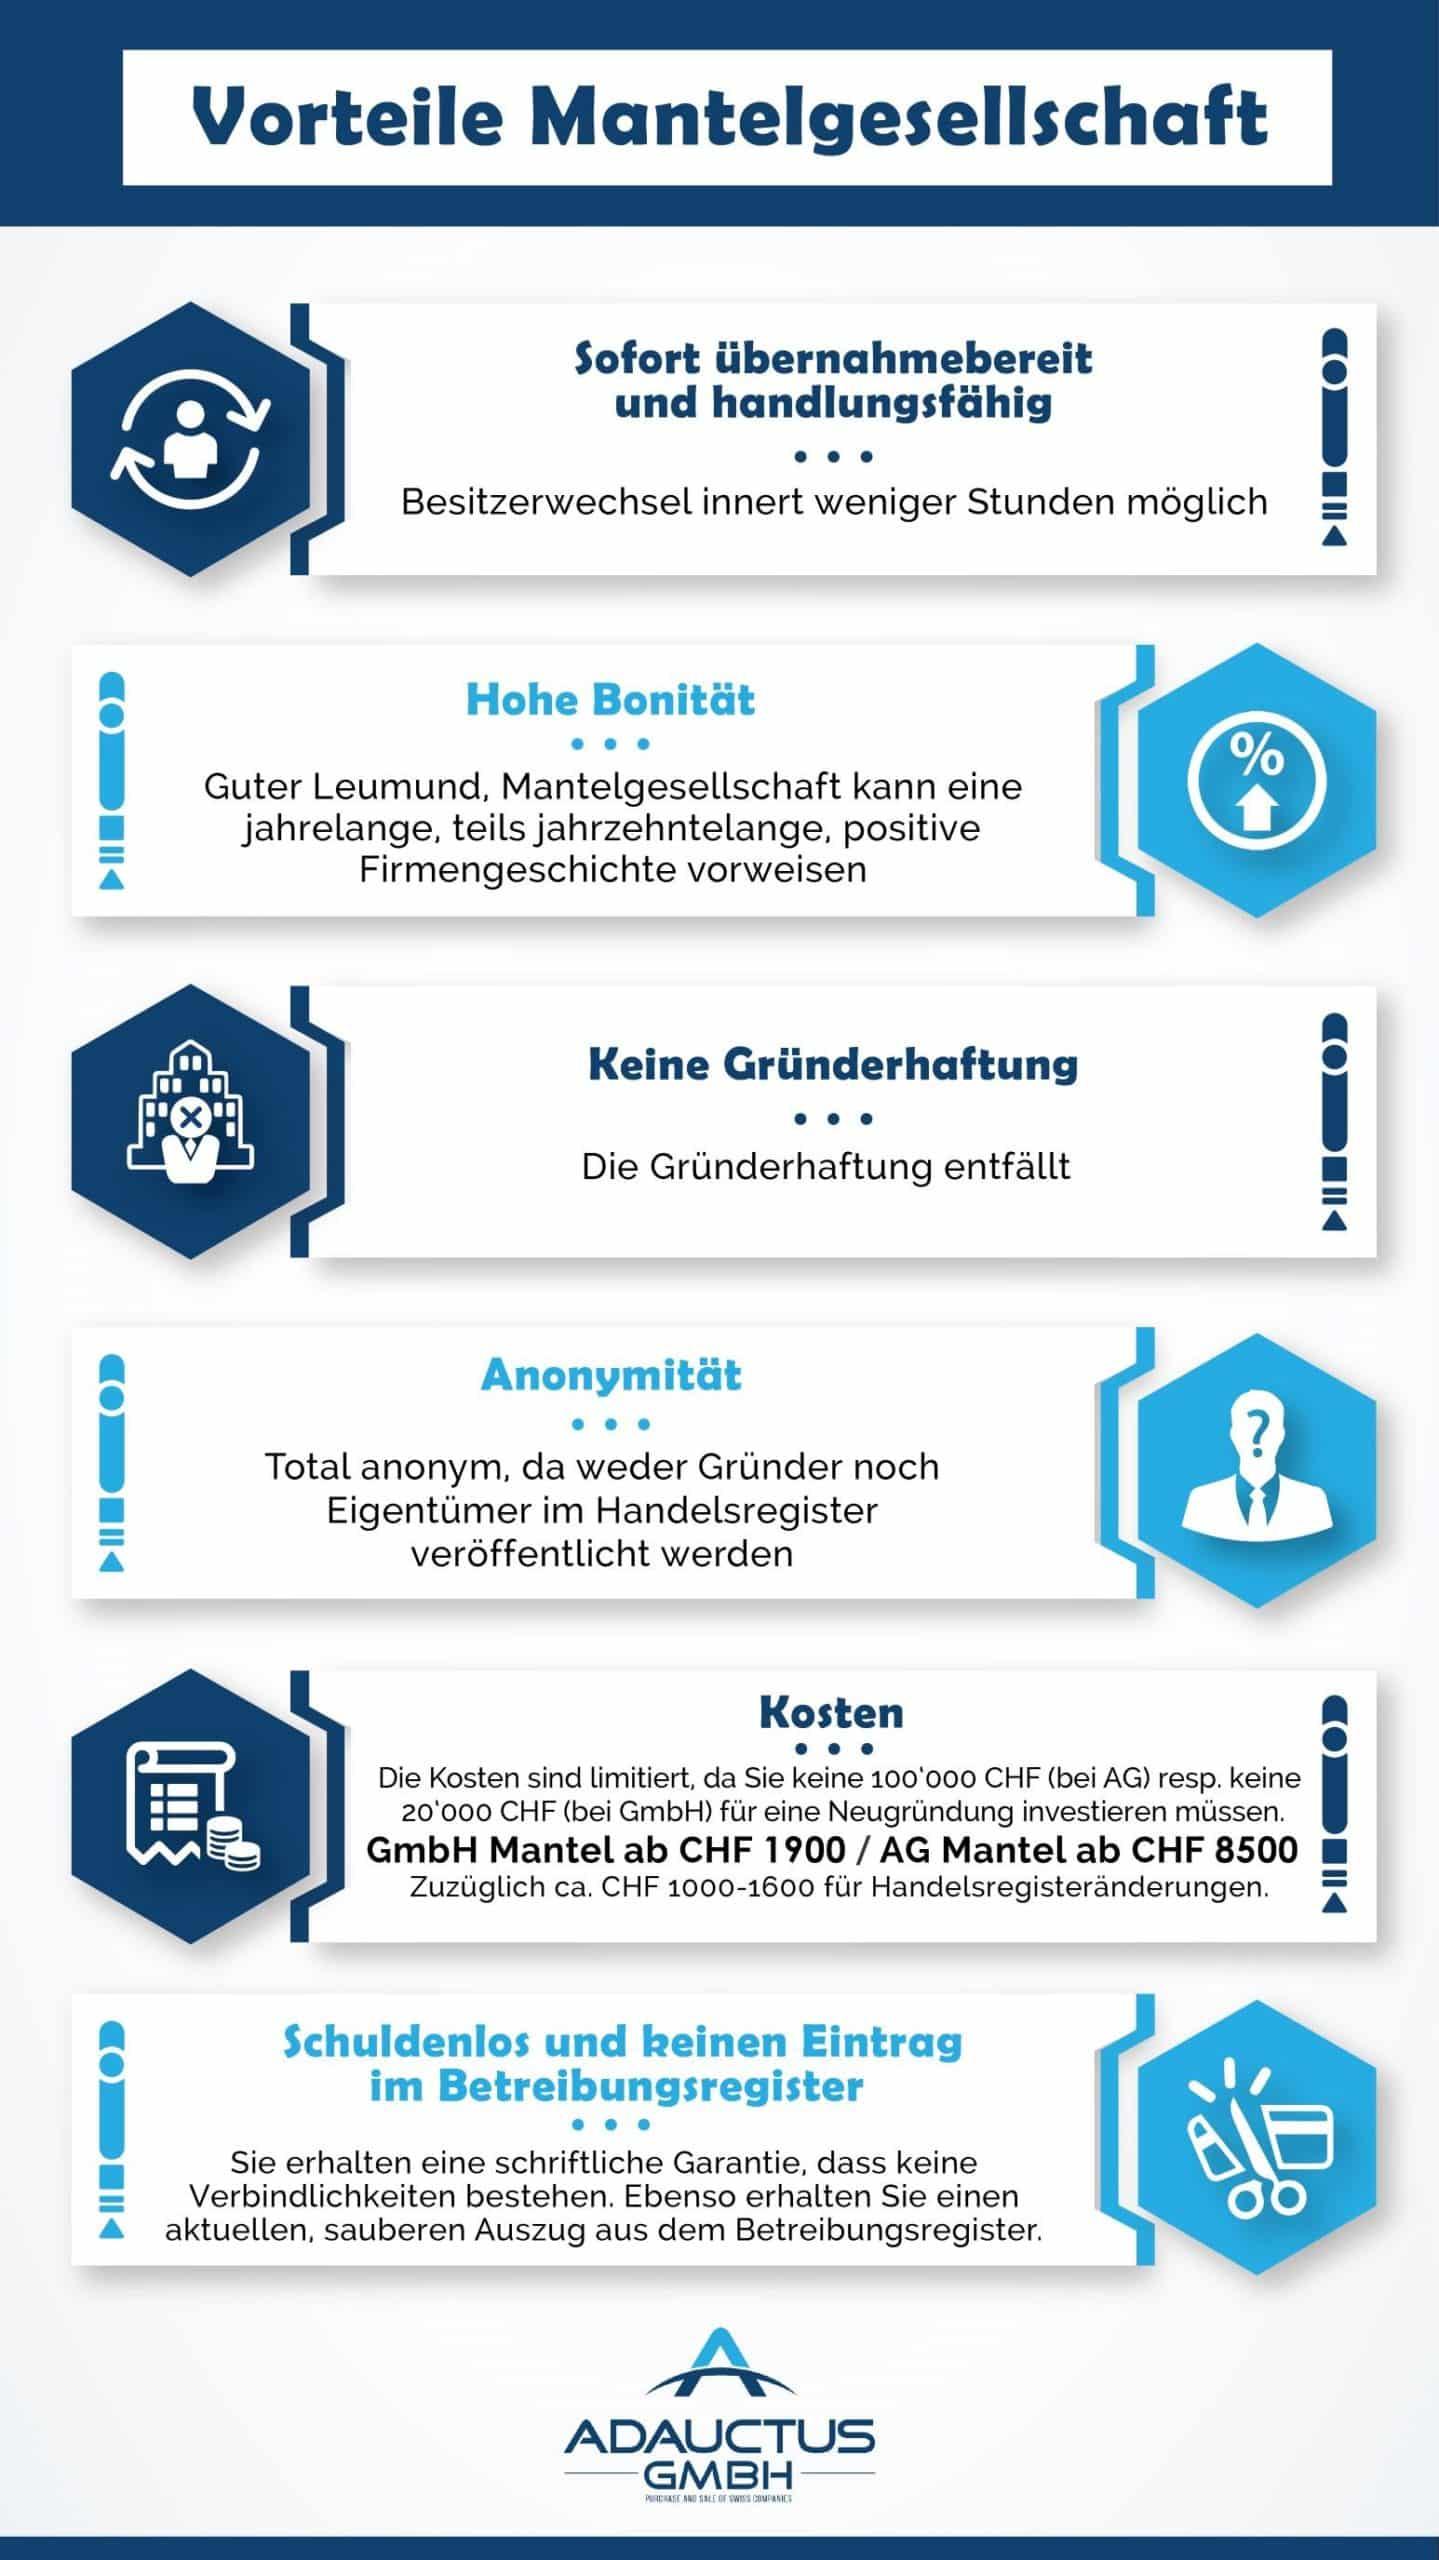 In dieser Infografik werden die Vorteile von Schweizer Mantelgesellschaften aufgezeigt.